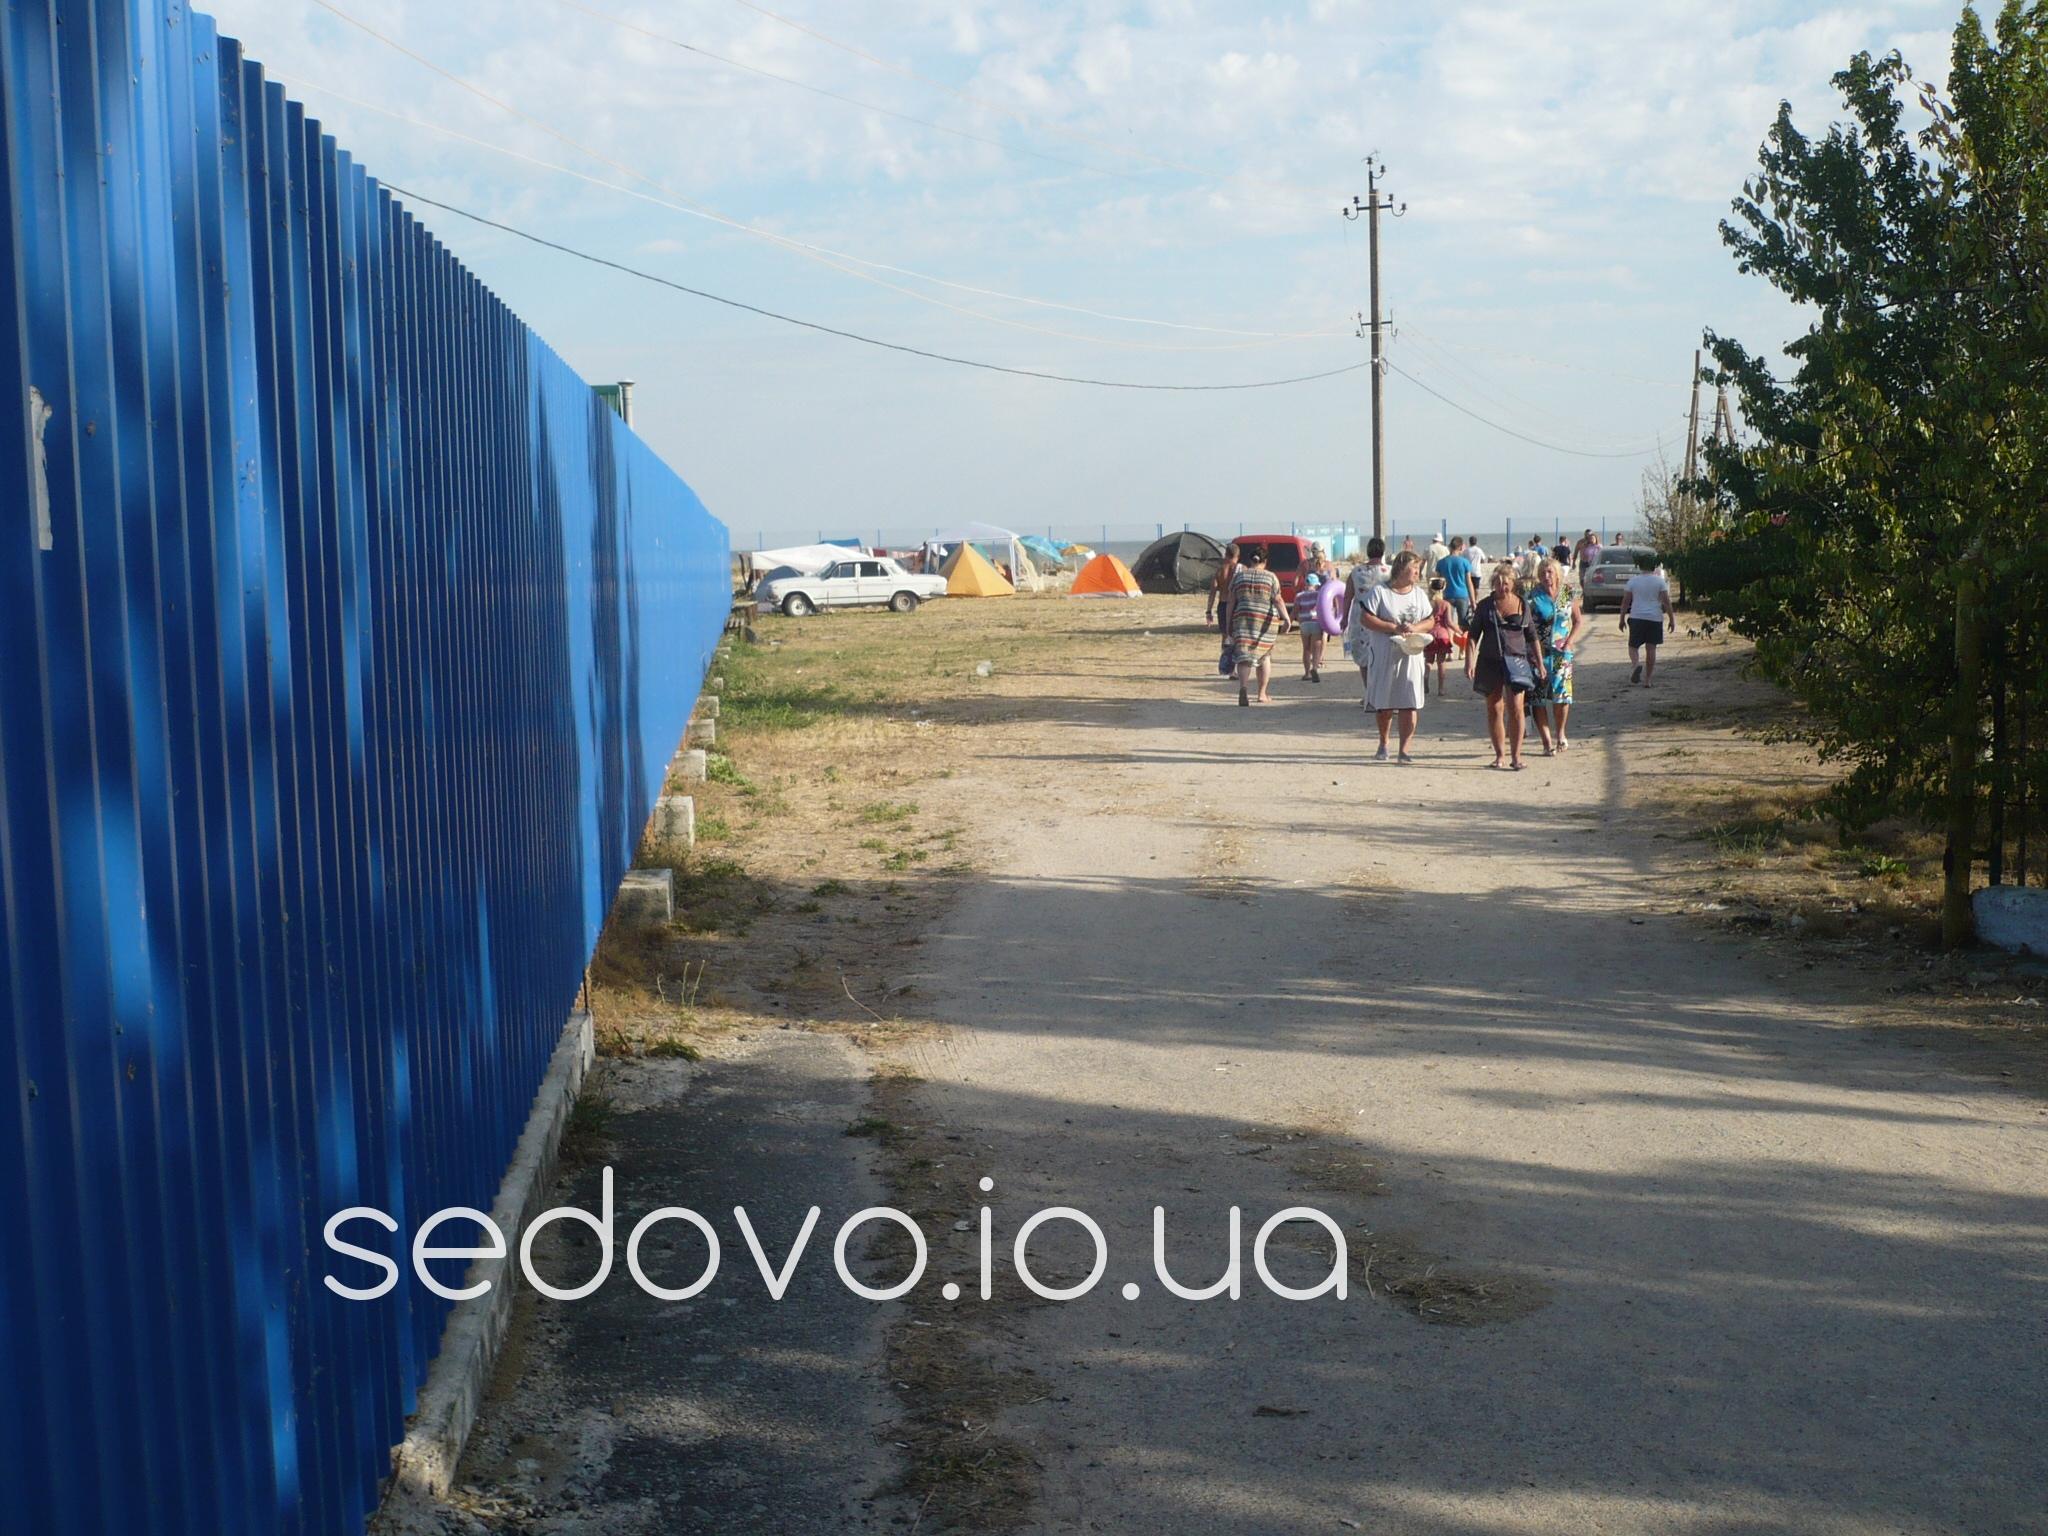 Пляж в Седово на Косе фото отзывы